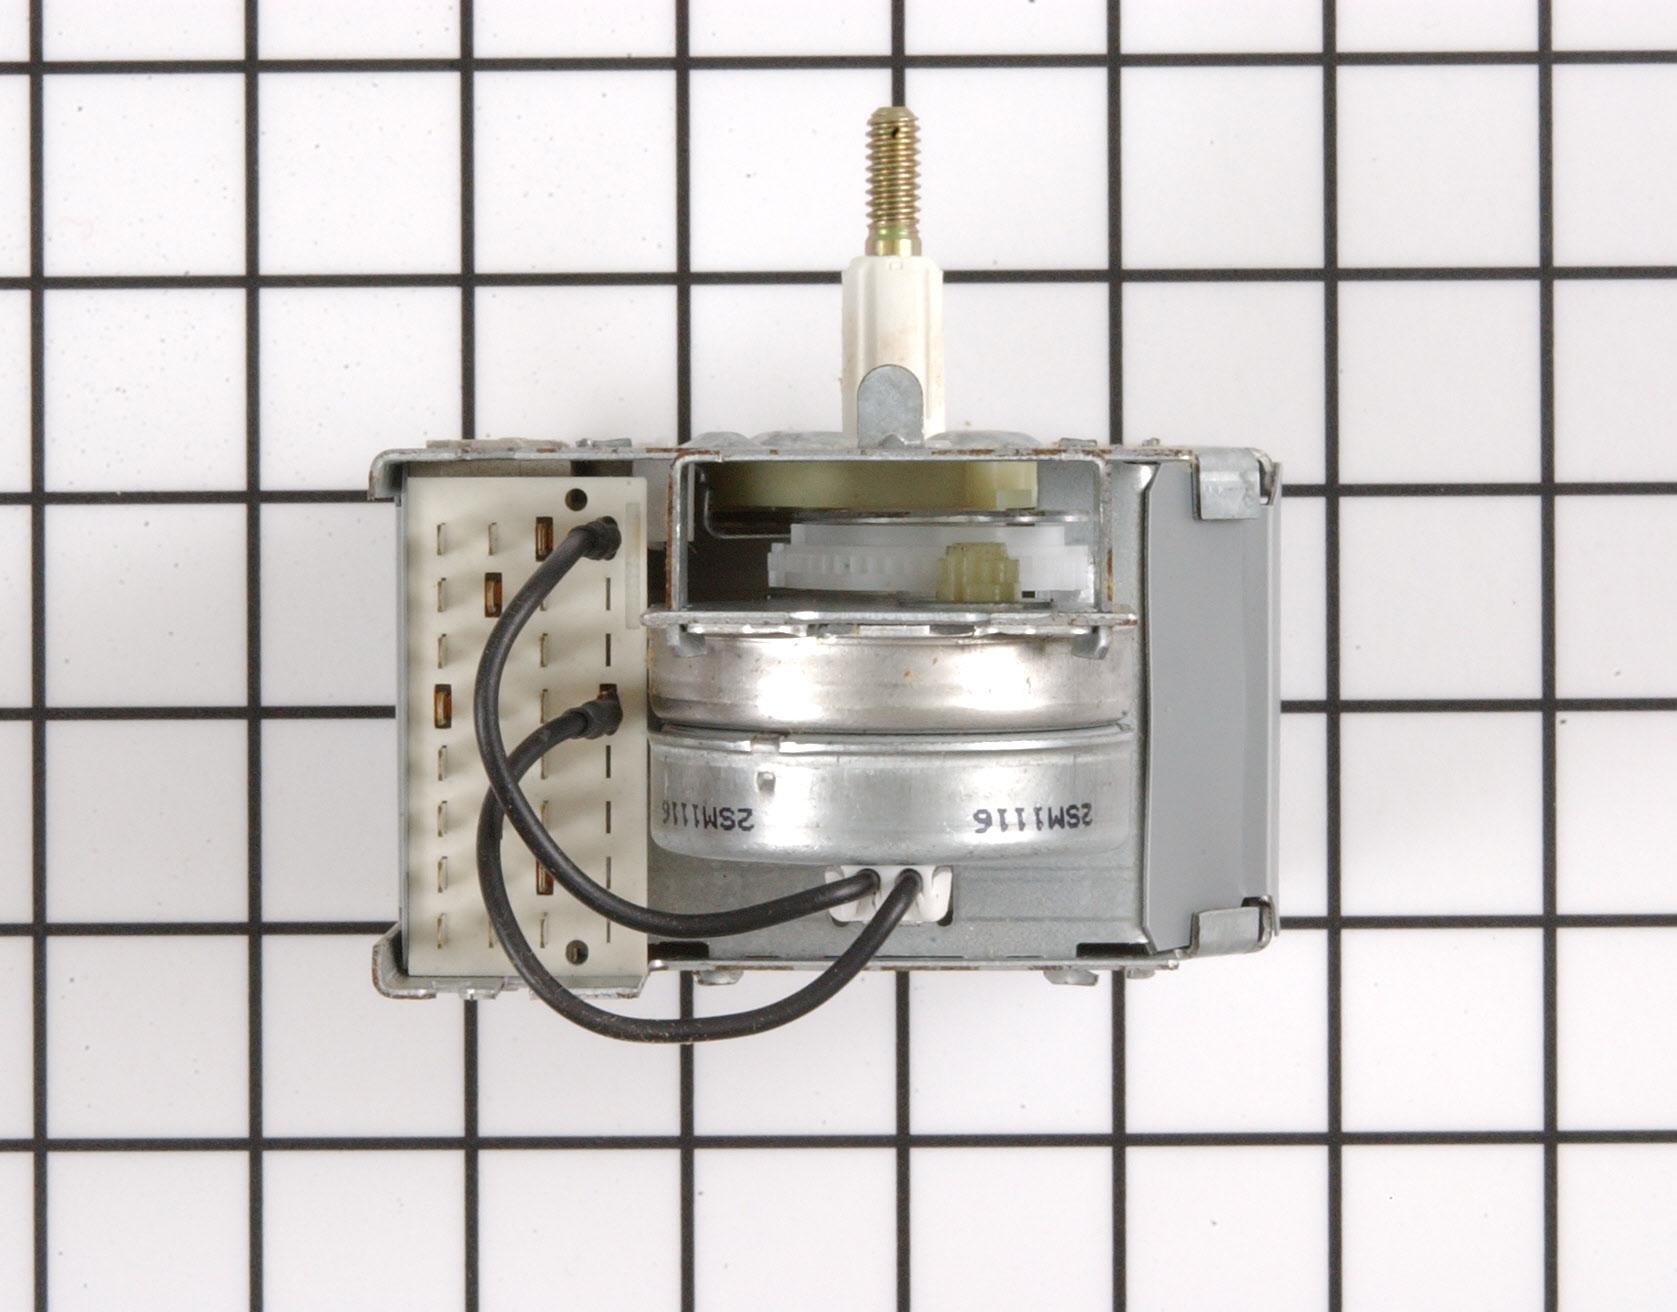 WP661598 Kenmore Washing Machine Part -Timer